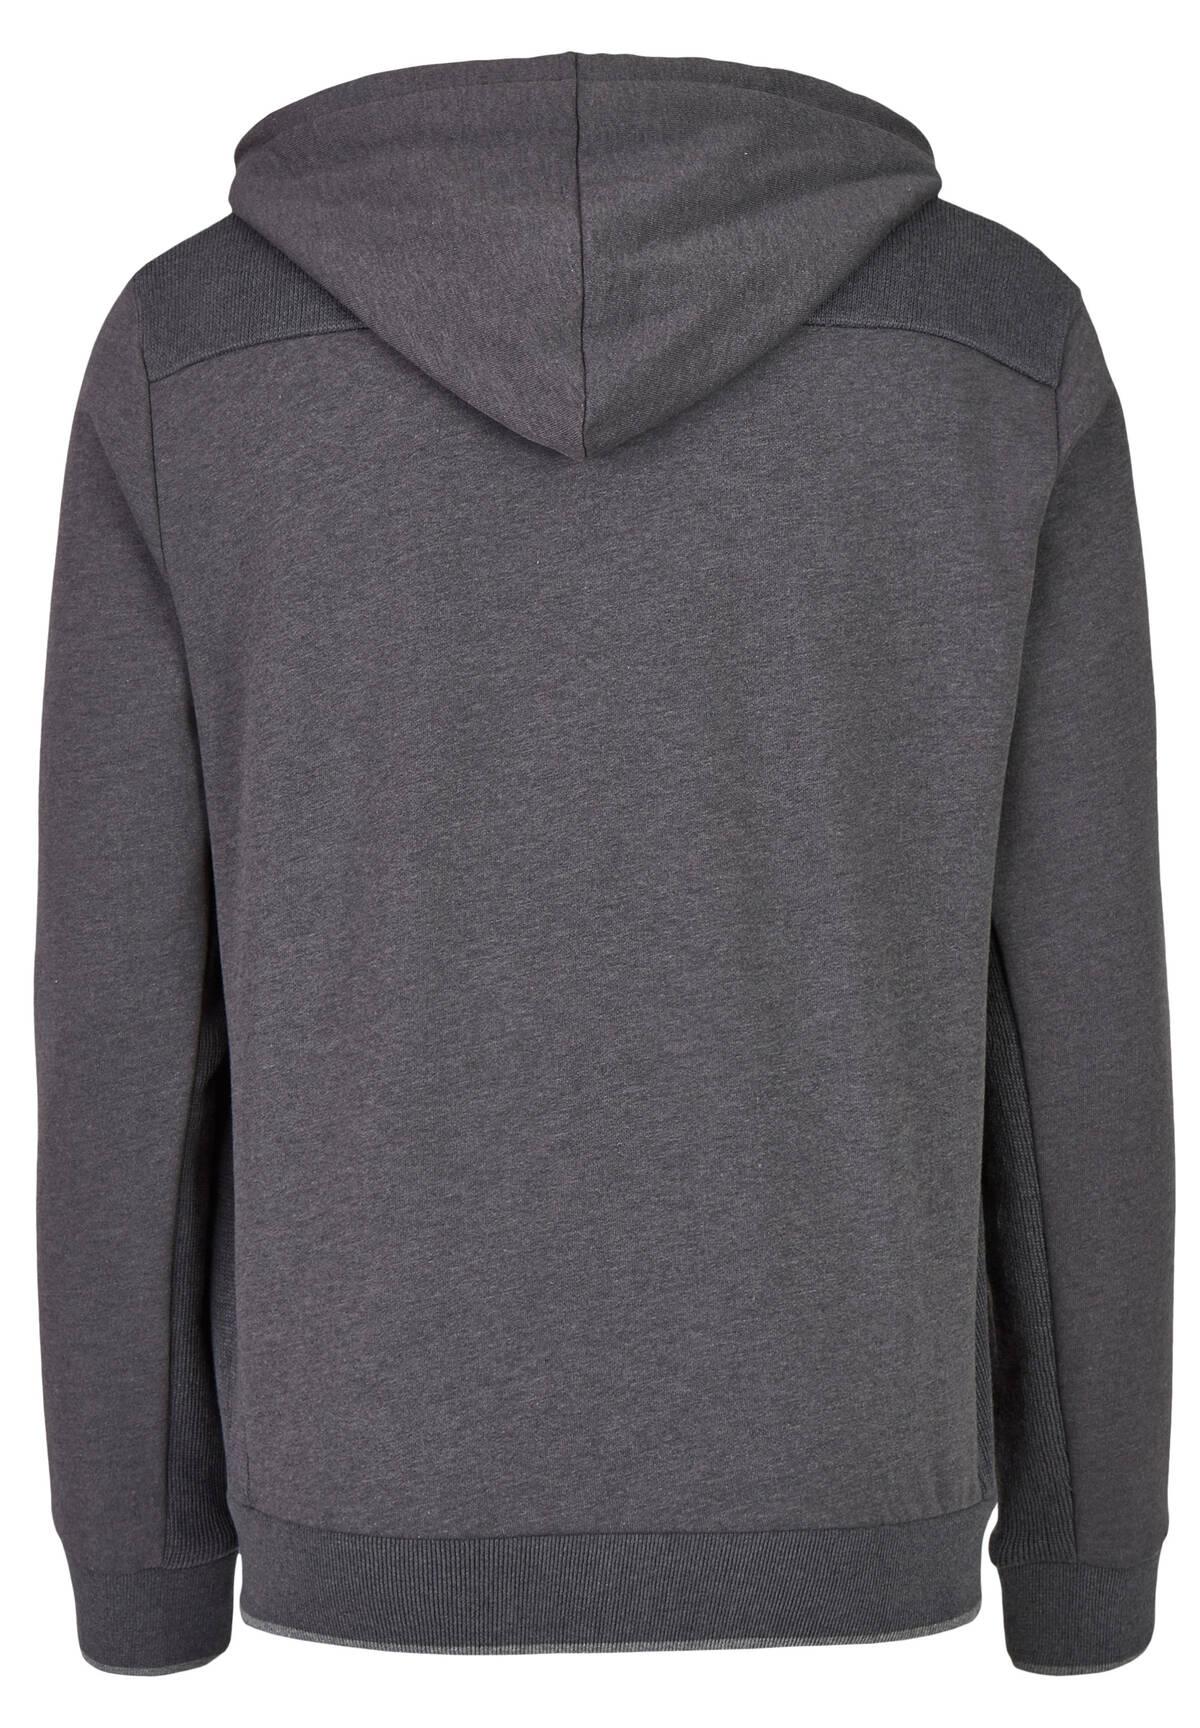 Sweat shirt zippé /